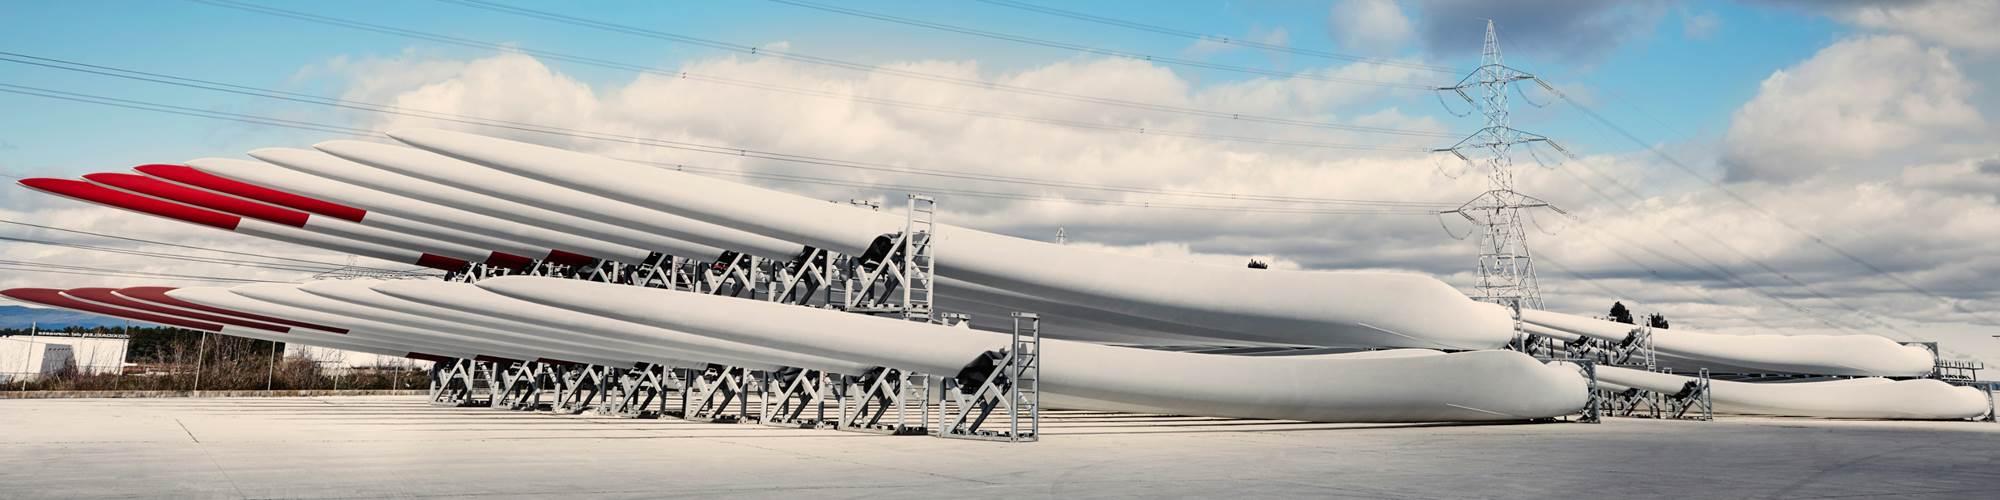 风力涡轮机叶片